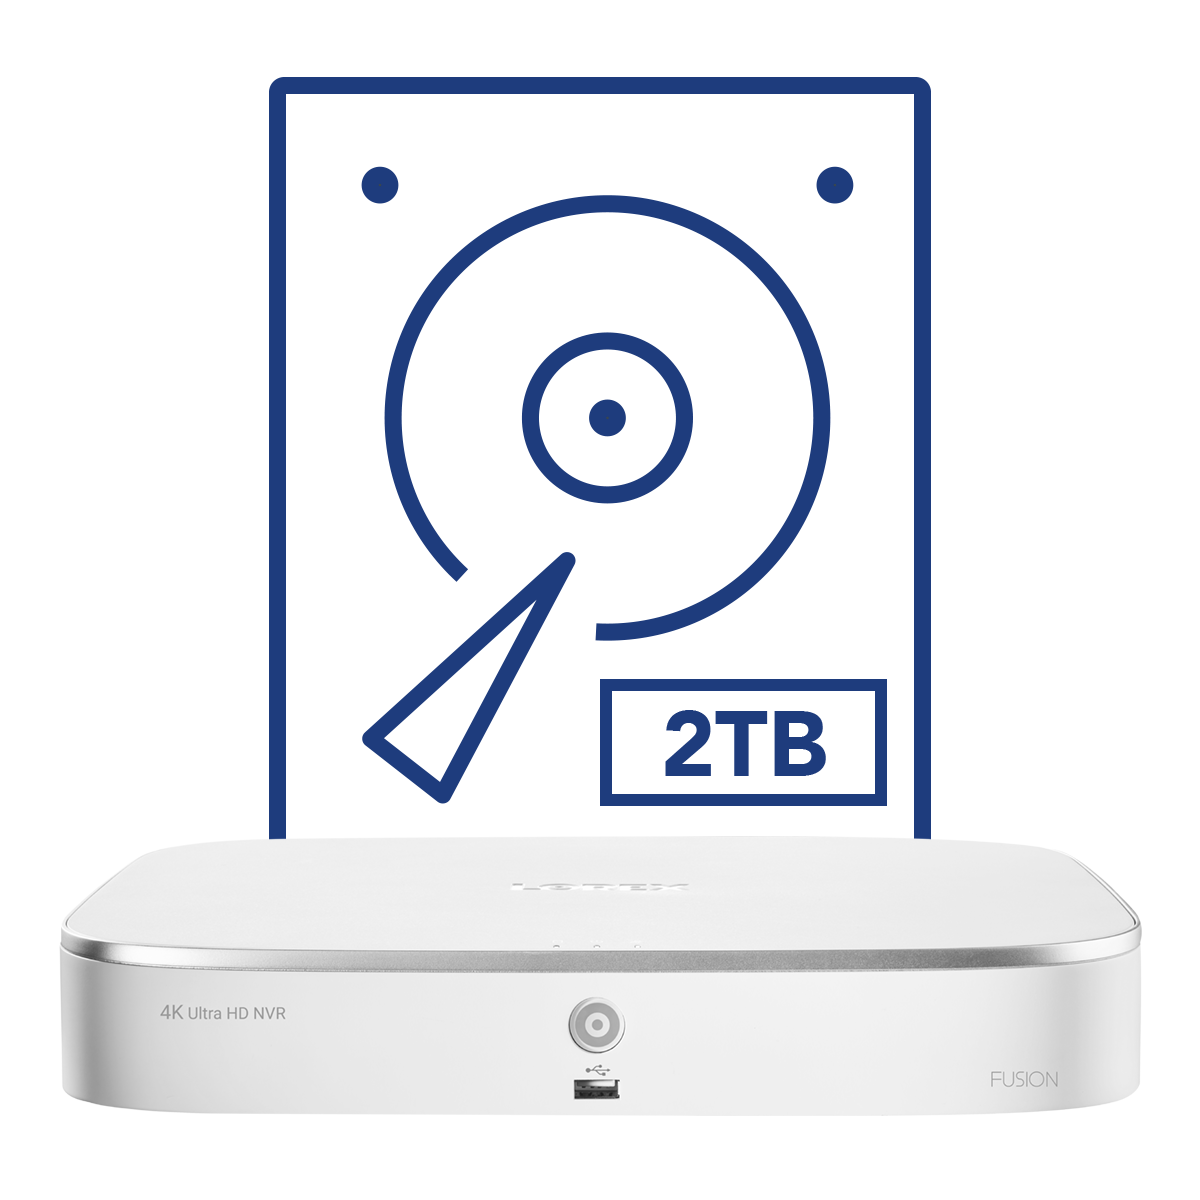 2TB security hard drive